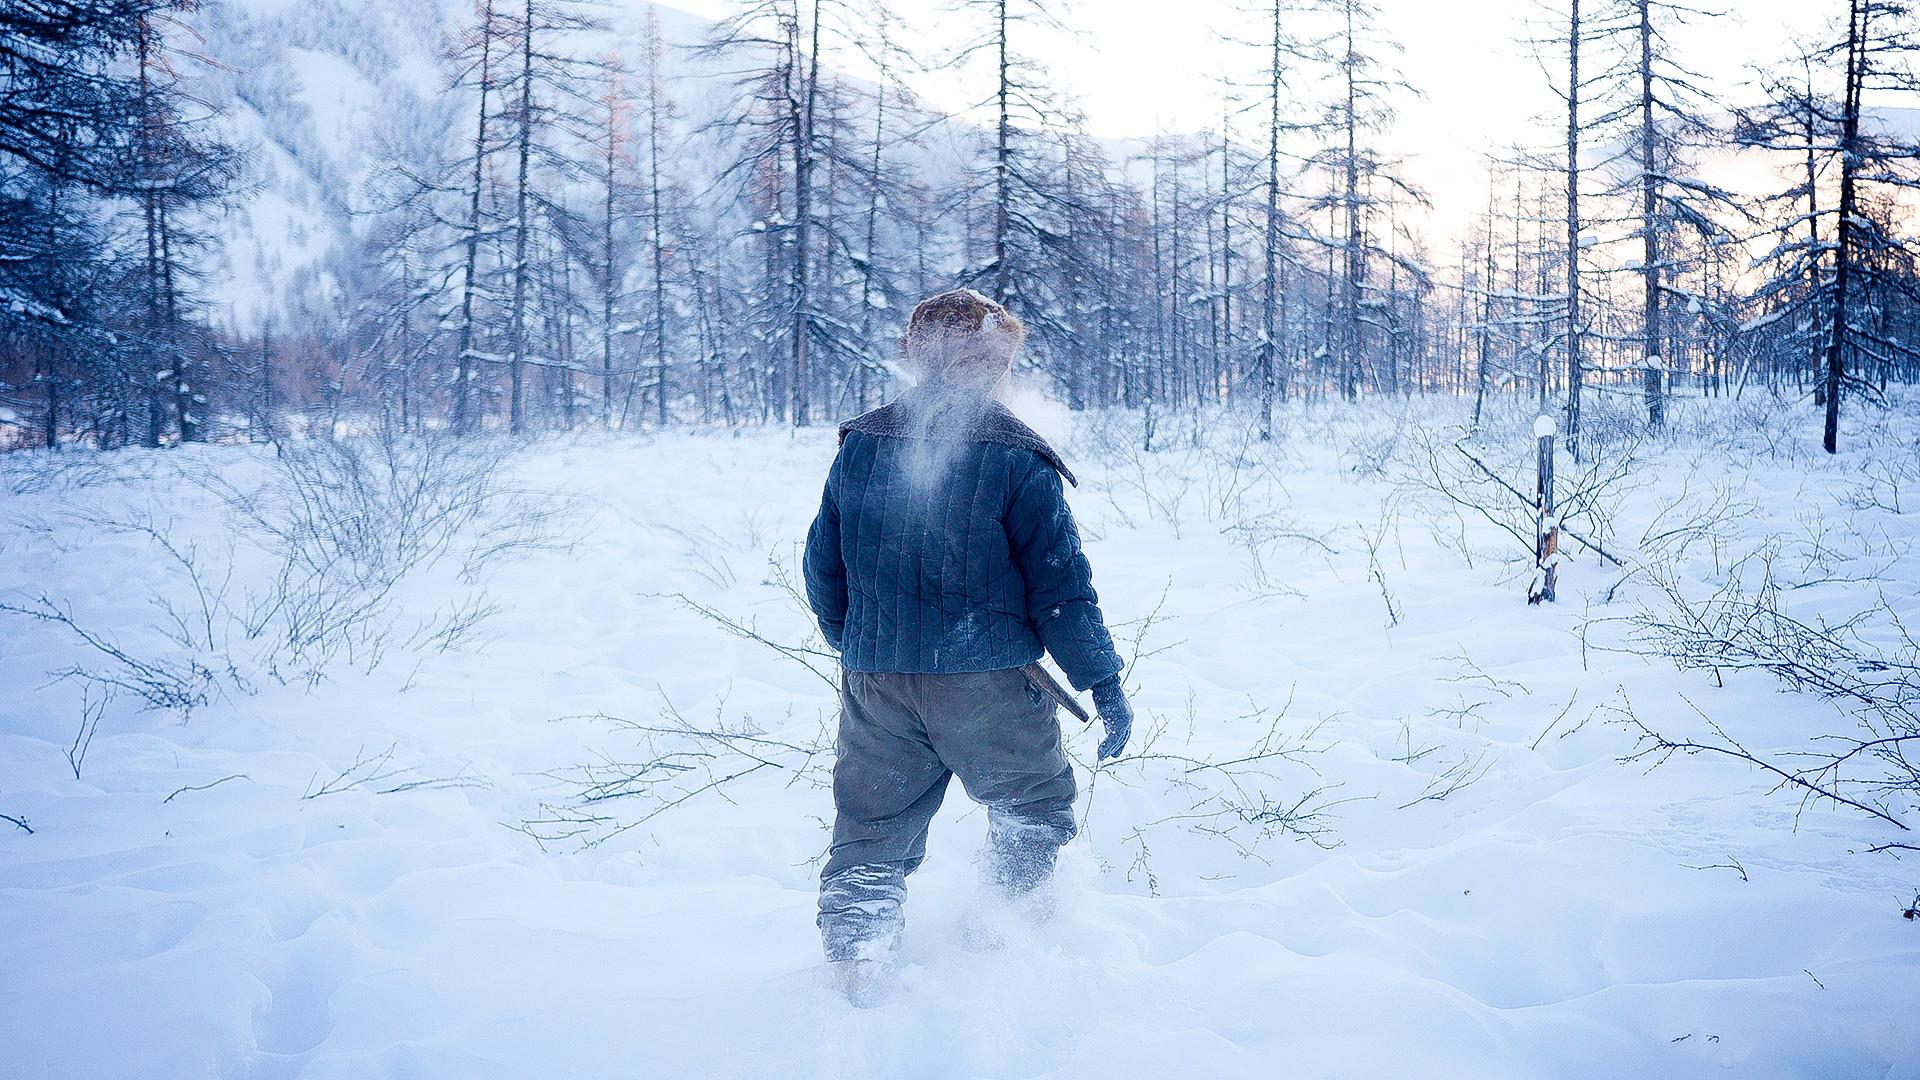 Zaman berubah dan orang Siberia kini mungkin tak terlalu berbeda dengan penduduk Sankt Peterburg.